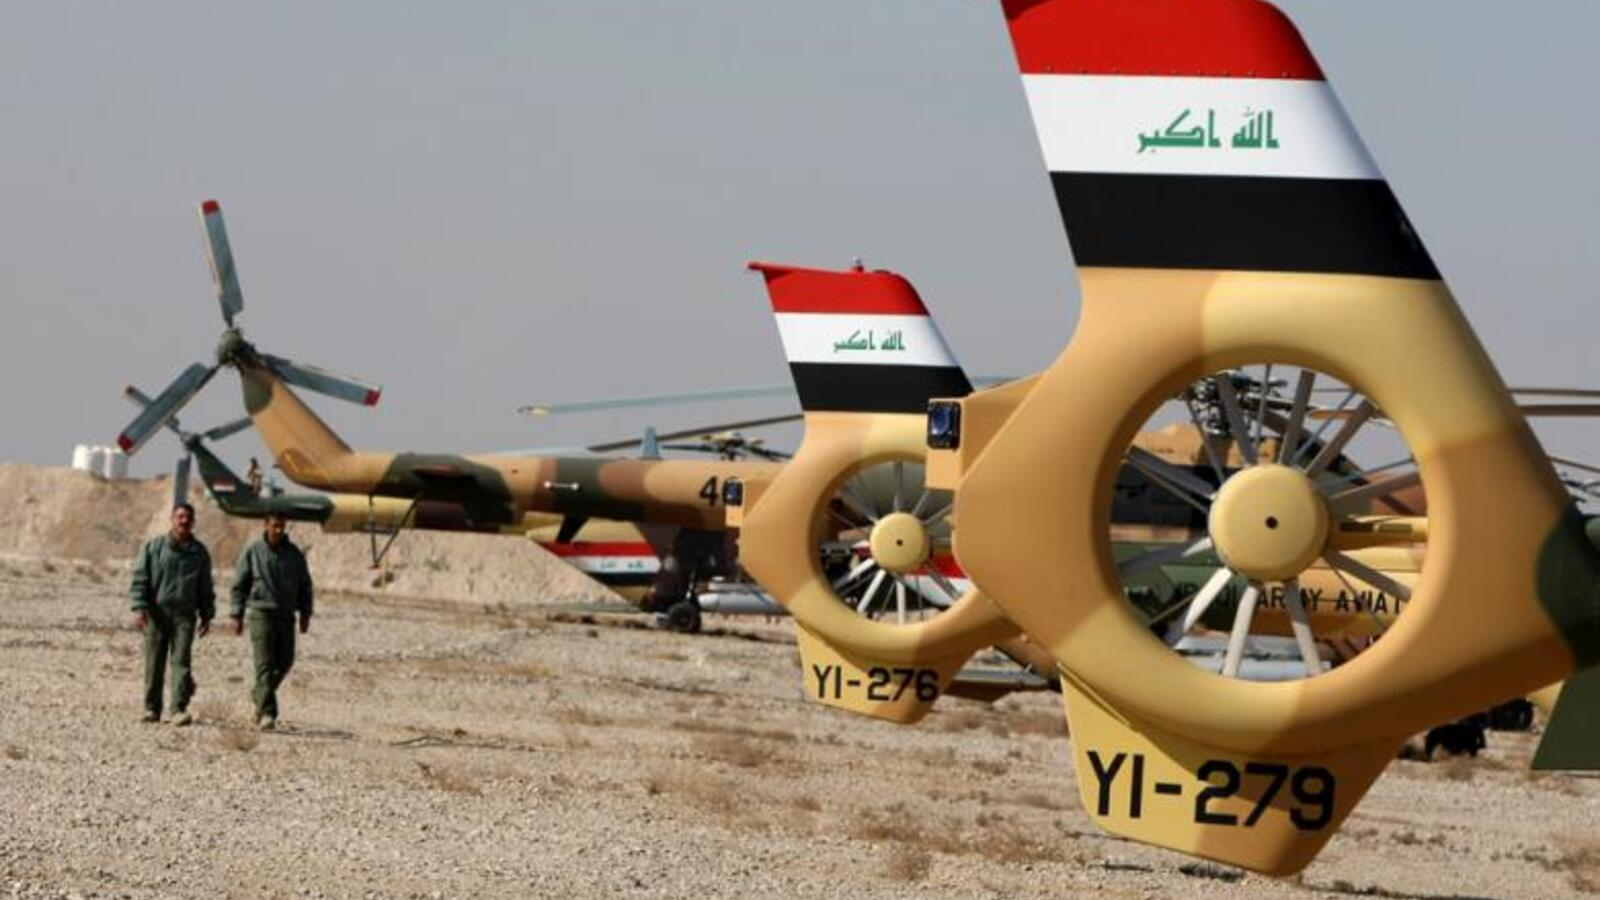 مصدر يكشف عن صفقة فساد وهدر للمال العام في مشروع القاعدة الجوية بالصويرة